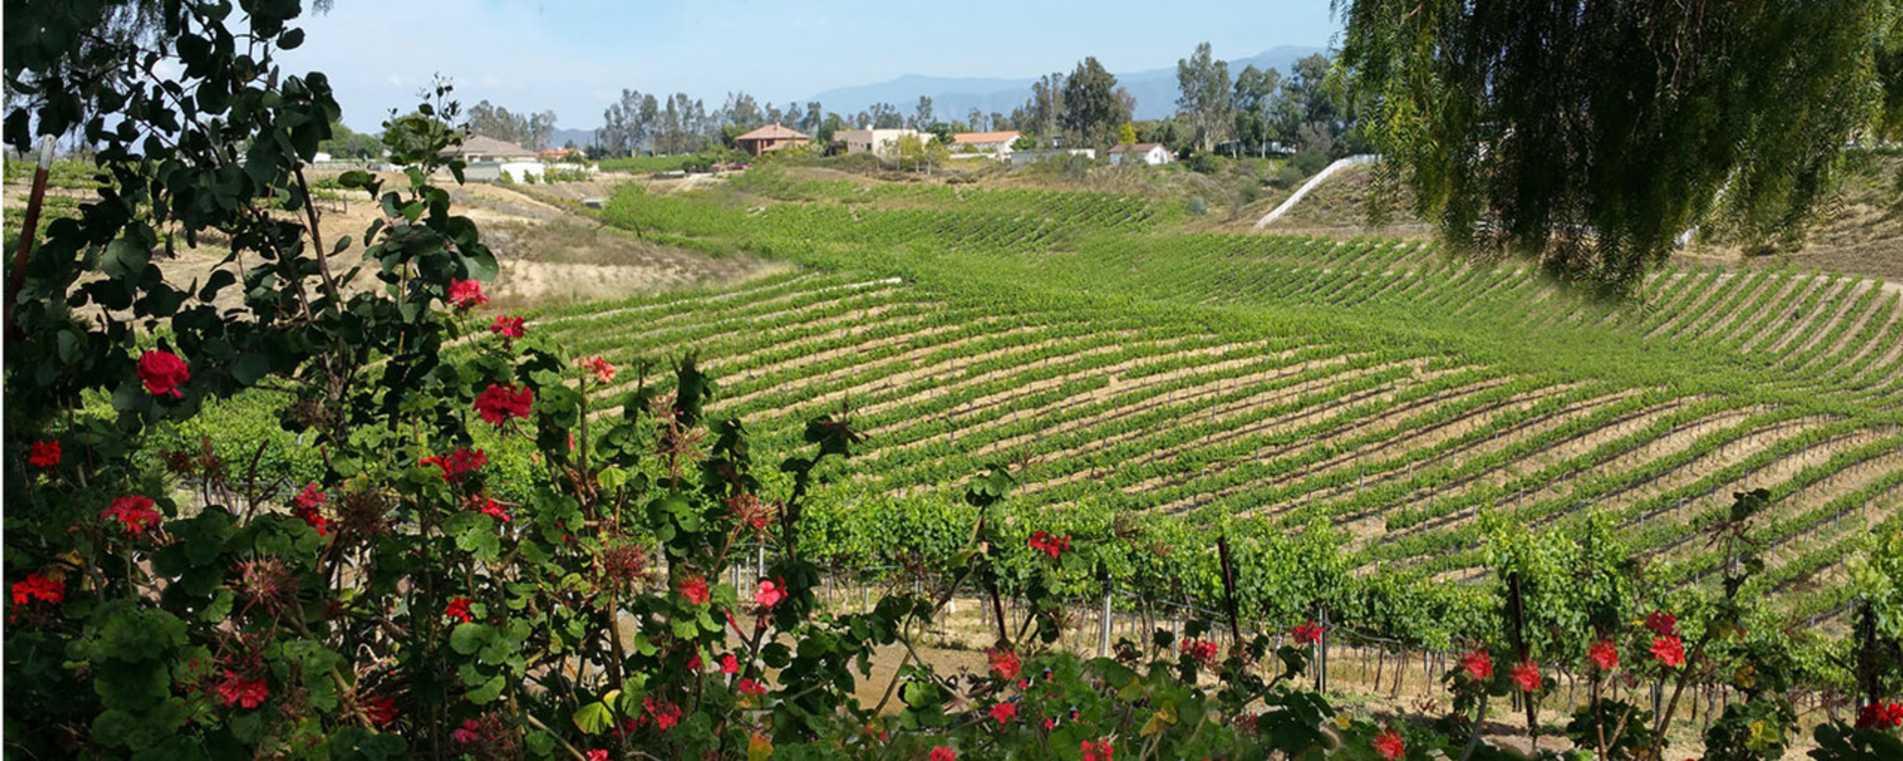 Bel Vino Landscape